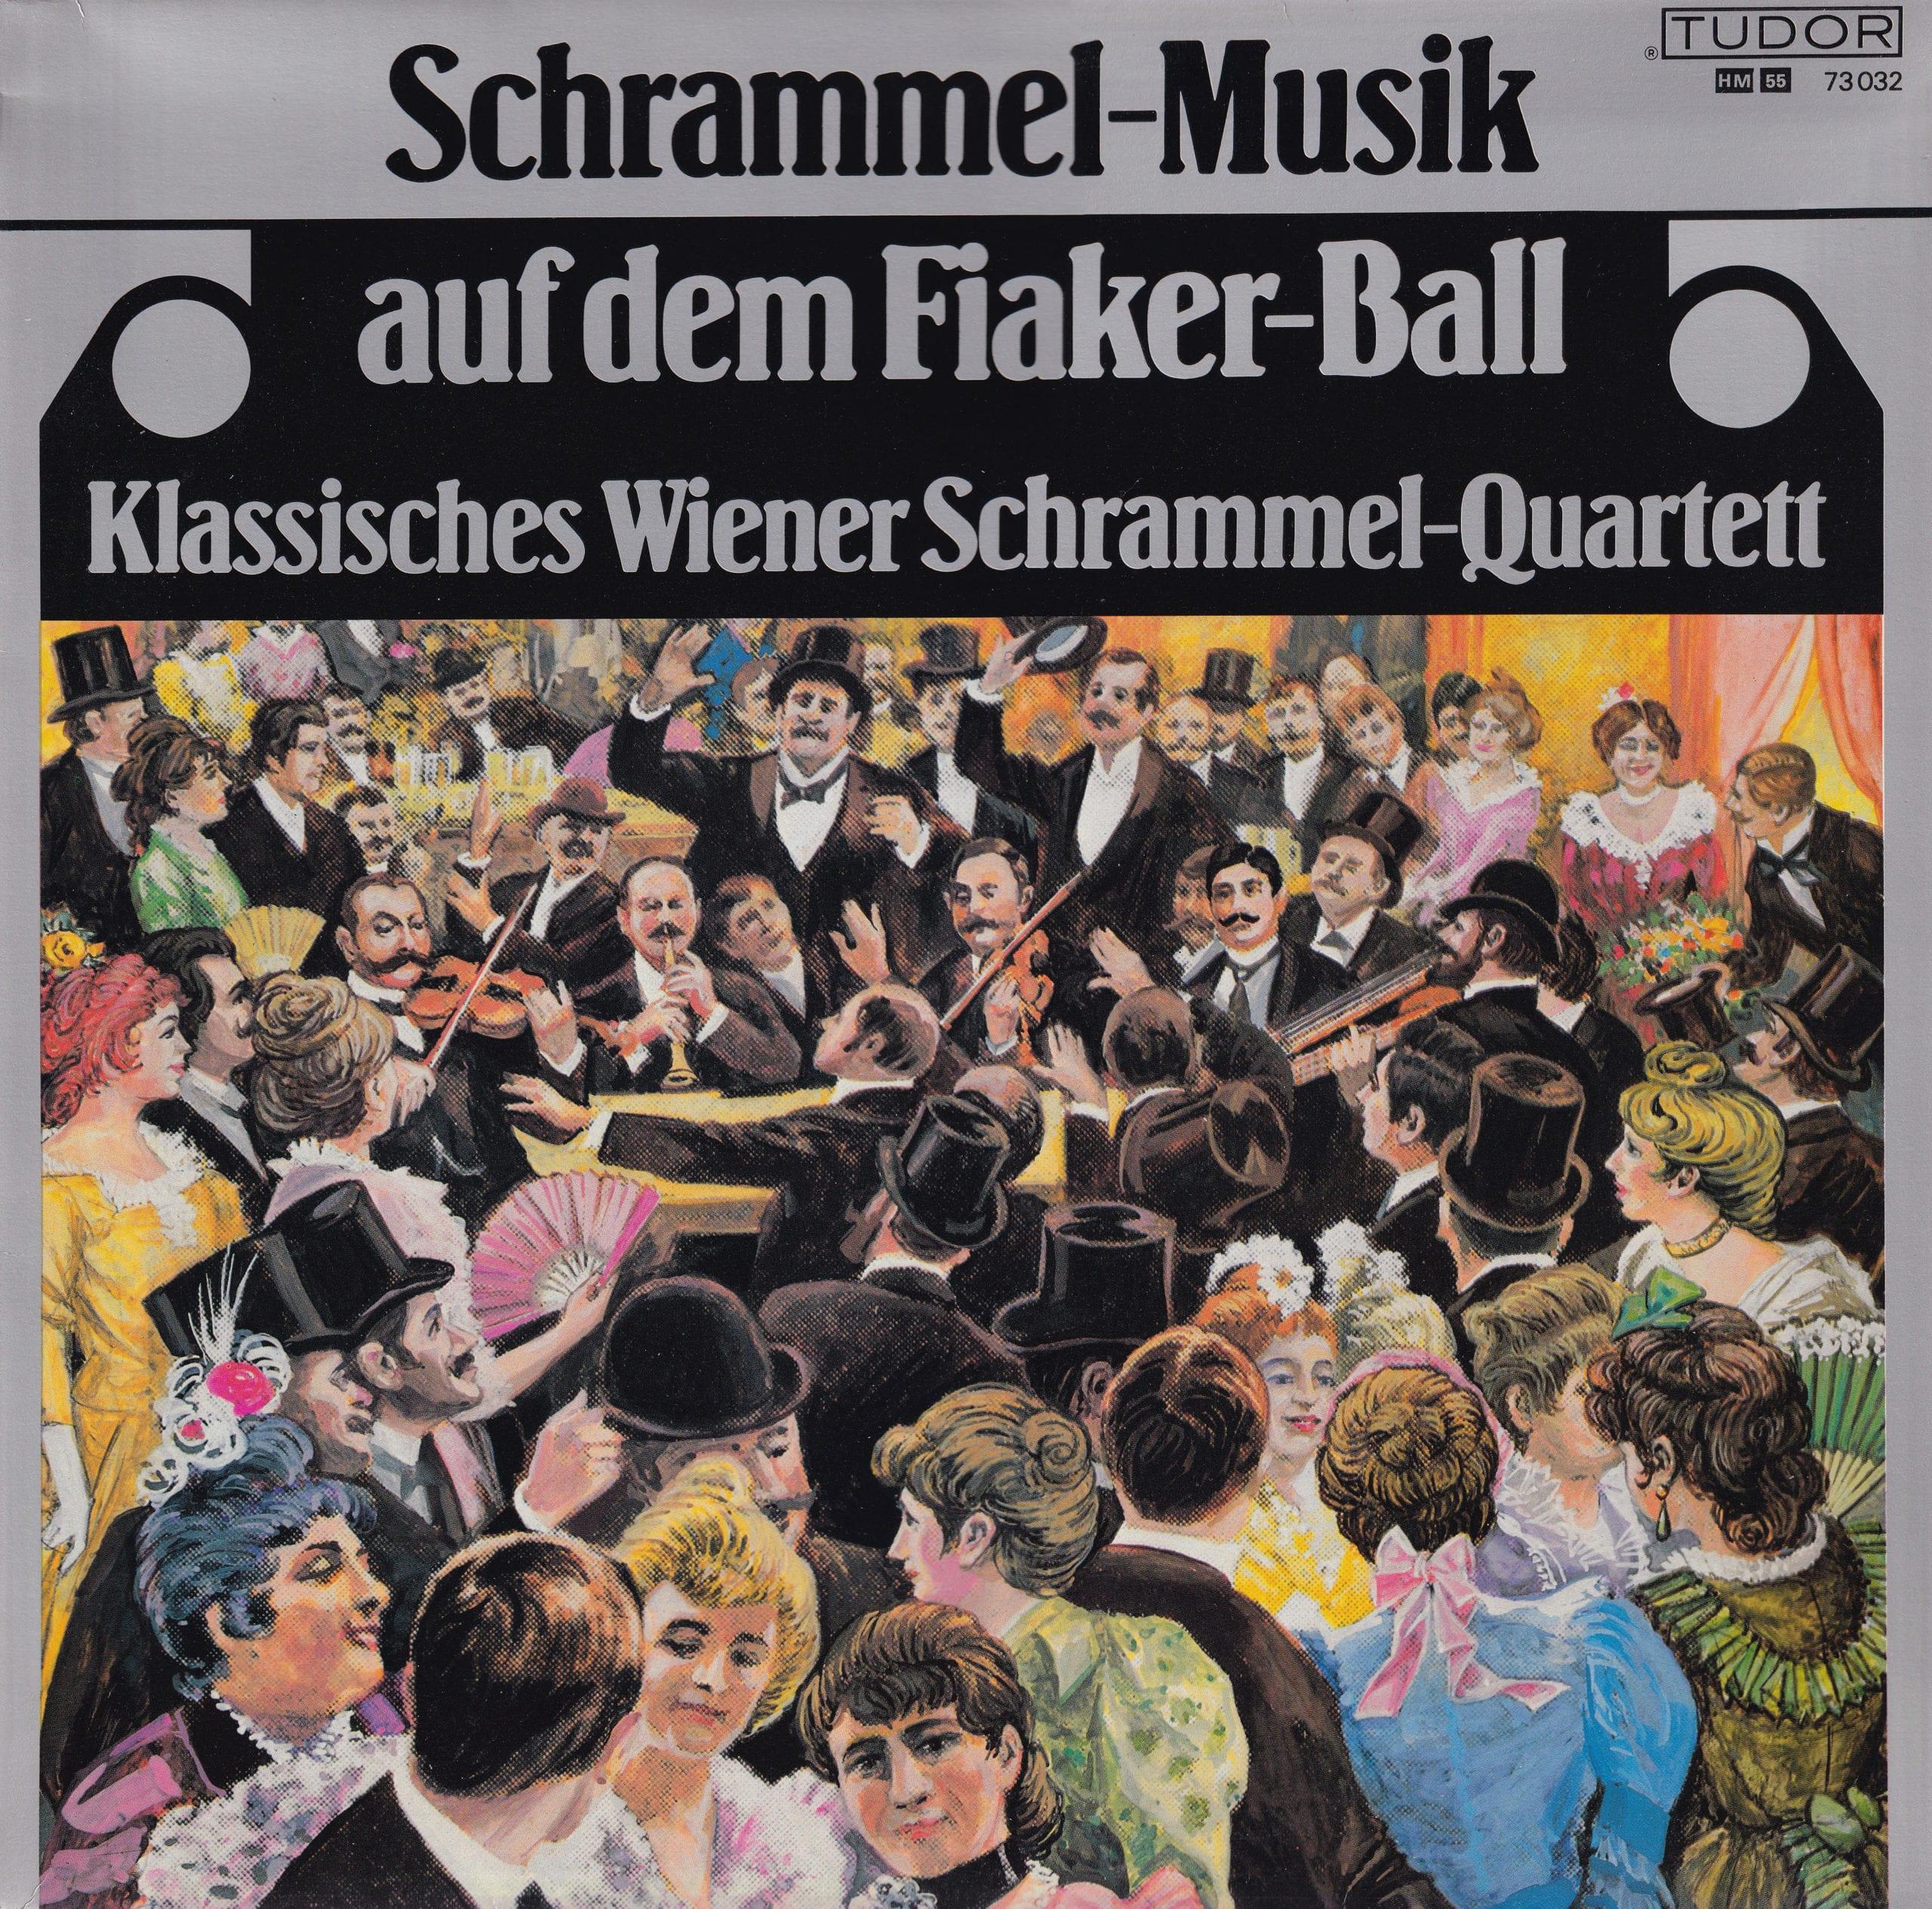 Schrammel-Musik auf dem Fiaker-Ball – 1